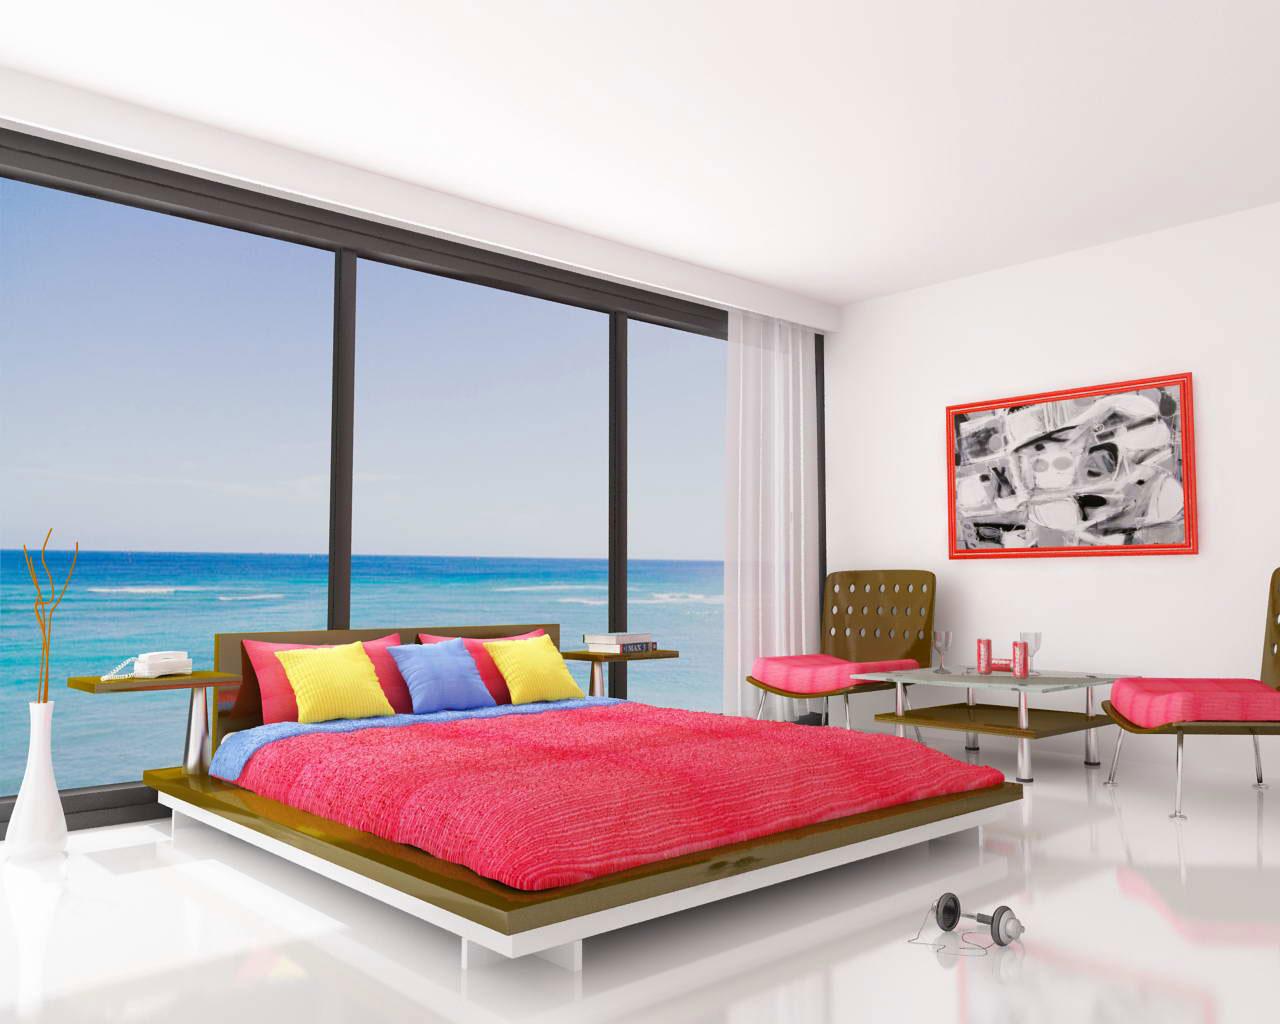 quarto moderno praia